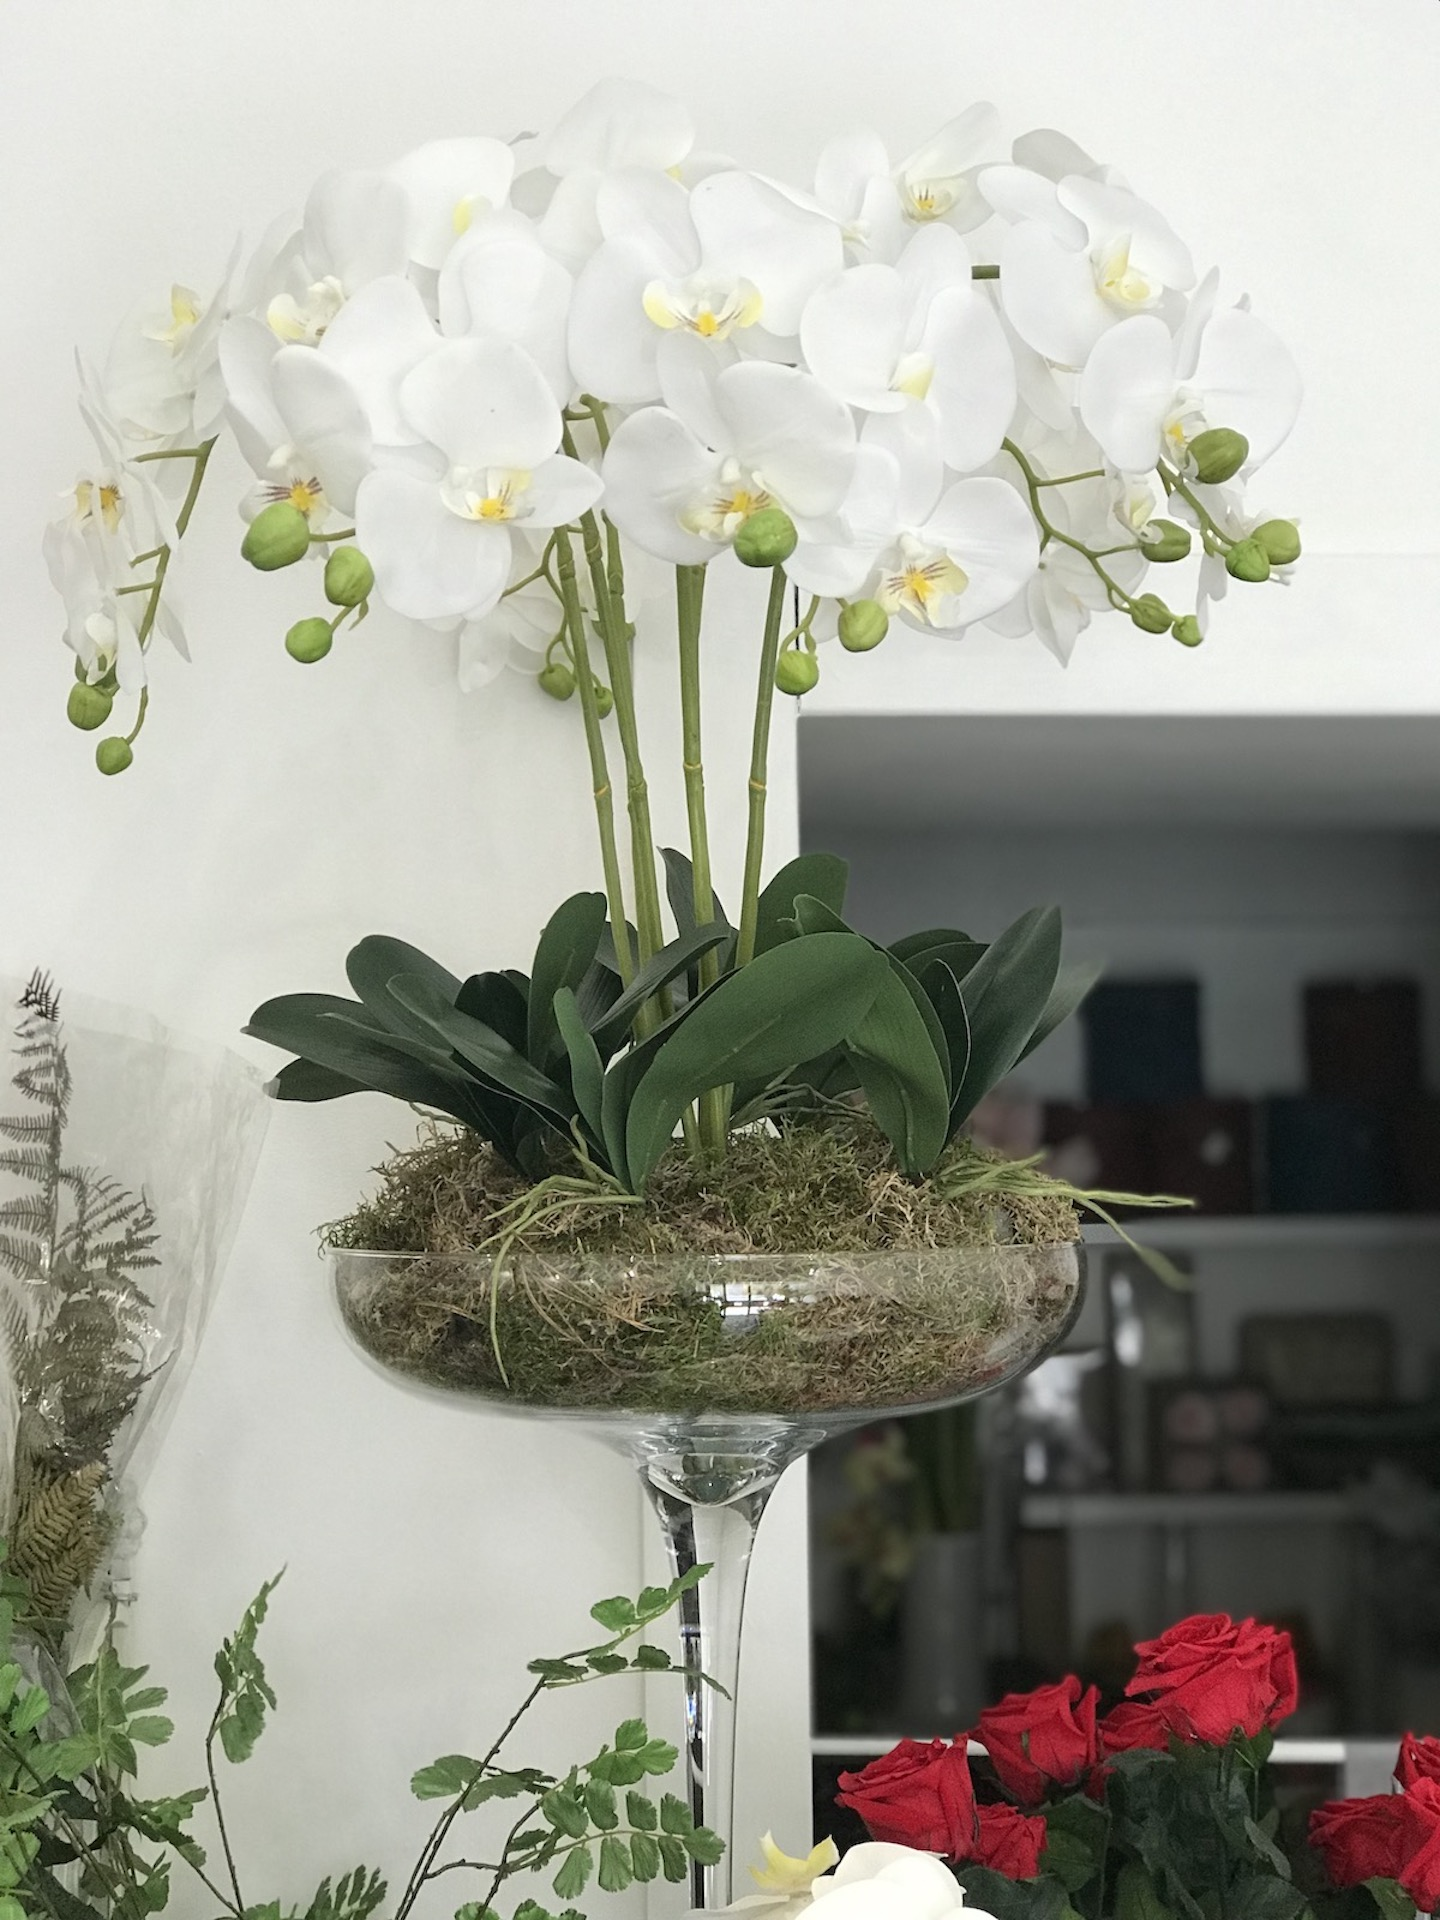 Coppa_vetro_orchidea_Fiori_artificiali_Deco_fleurs